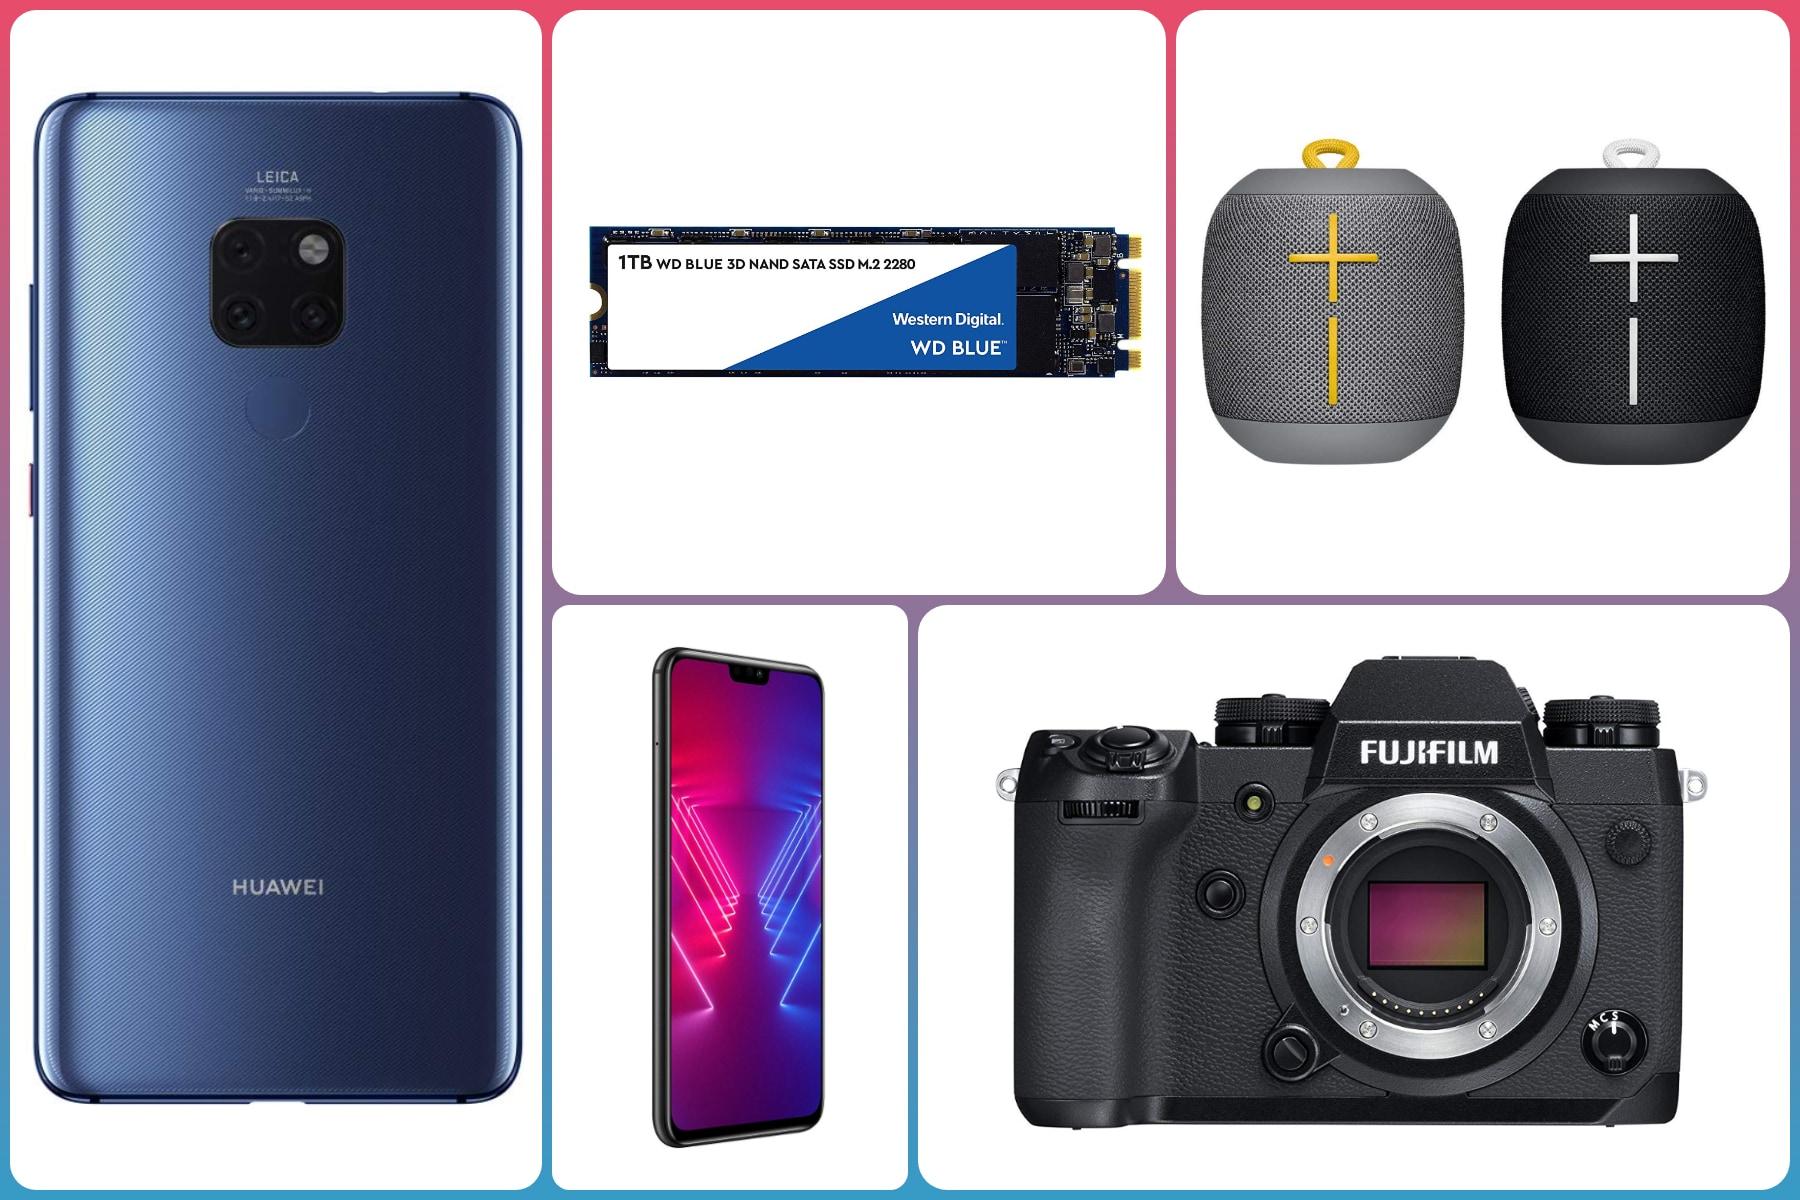 Offerte Amazon da non perdere: Huawei Mate 20, due speaker UE a 89€, Fujifilm X-H1 a 1.180€, SSD e molto altro - image Migliori-offerte-Amazon-11-febbraio-2019 on https://www.zxbyte.com